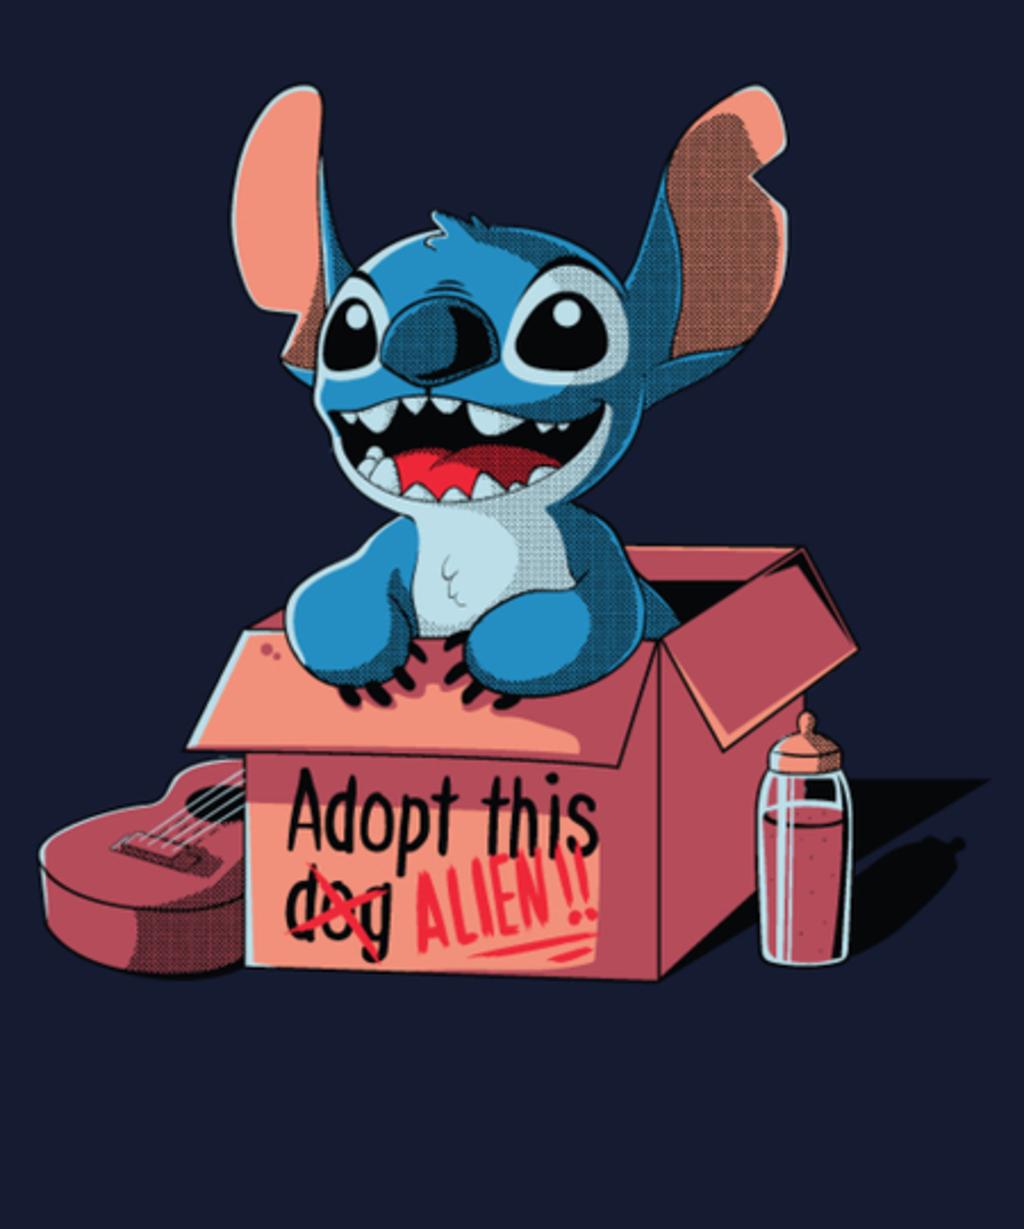 Qwertee: Adopt this dog